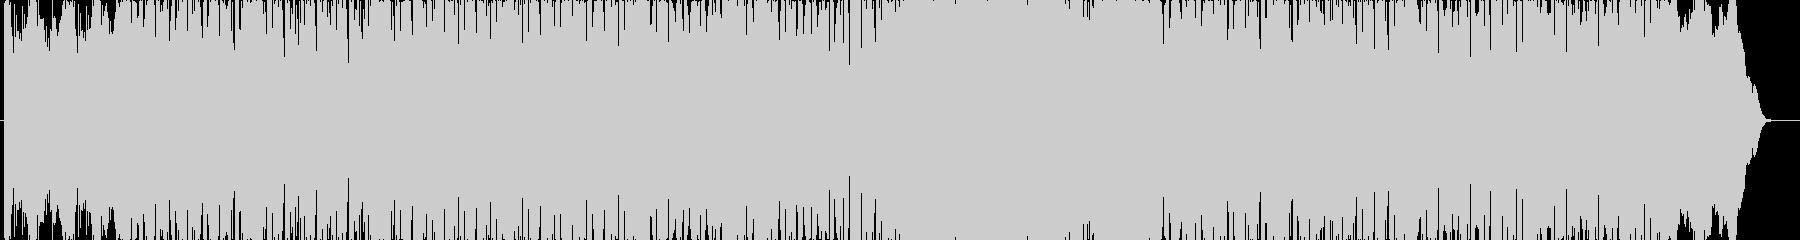 曲のタイトル通りChaos(混沌)をイ…の未再生の波形